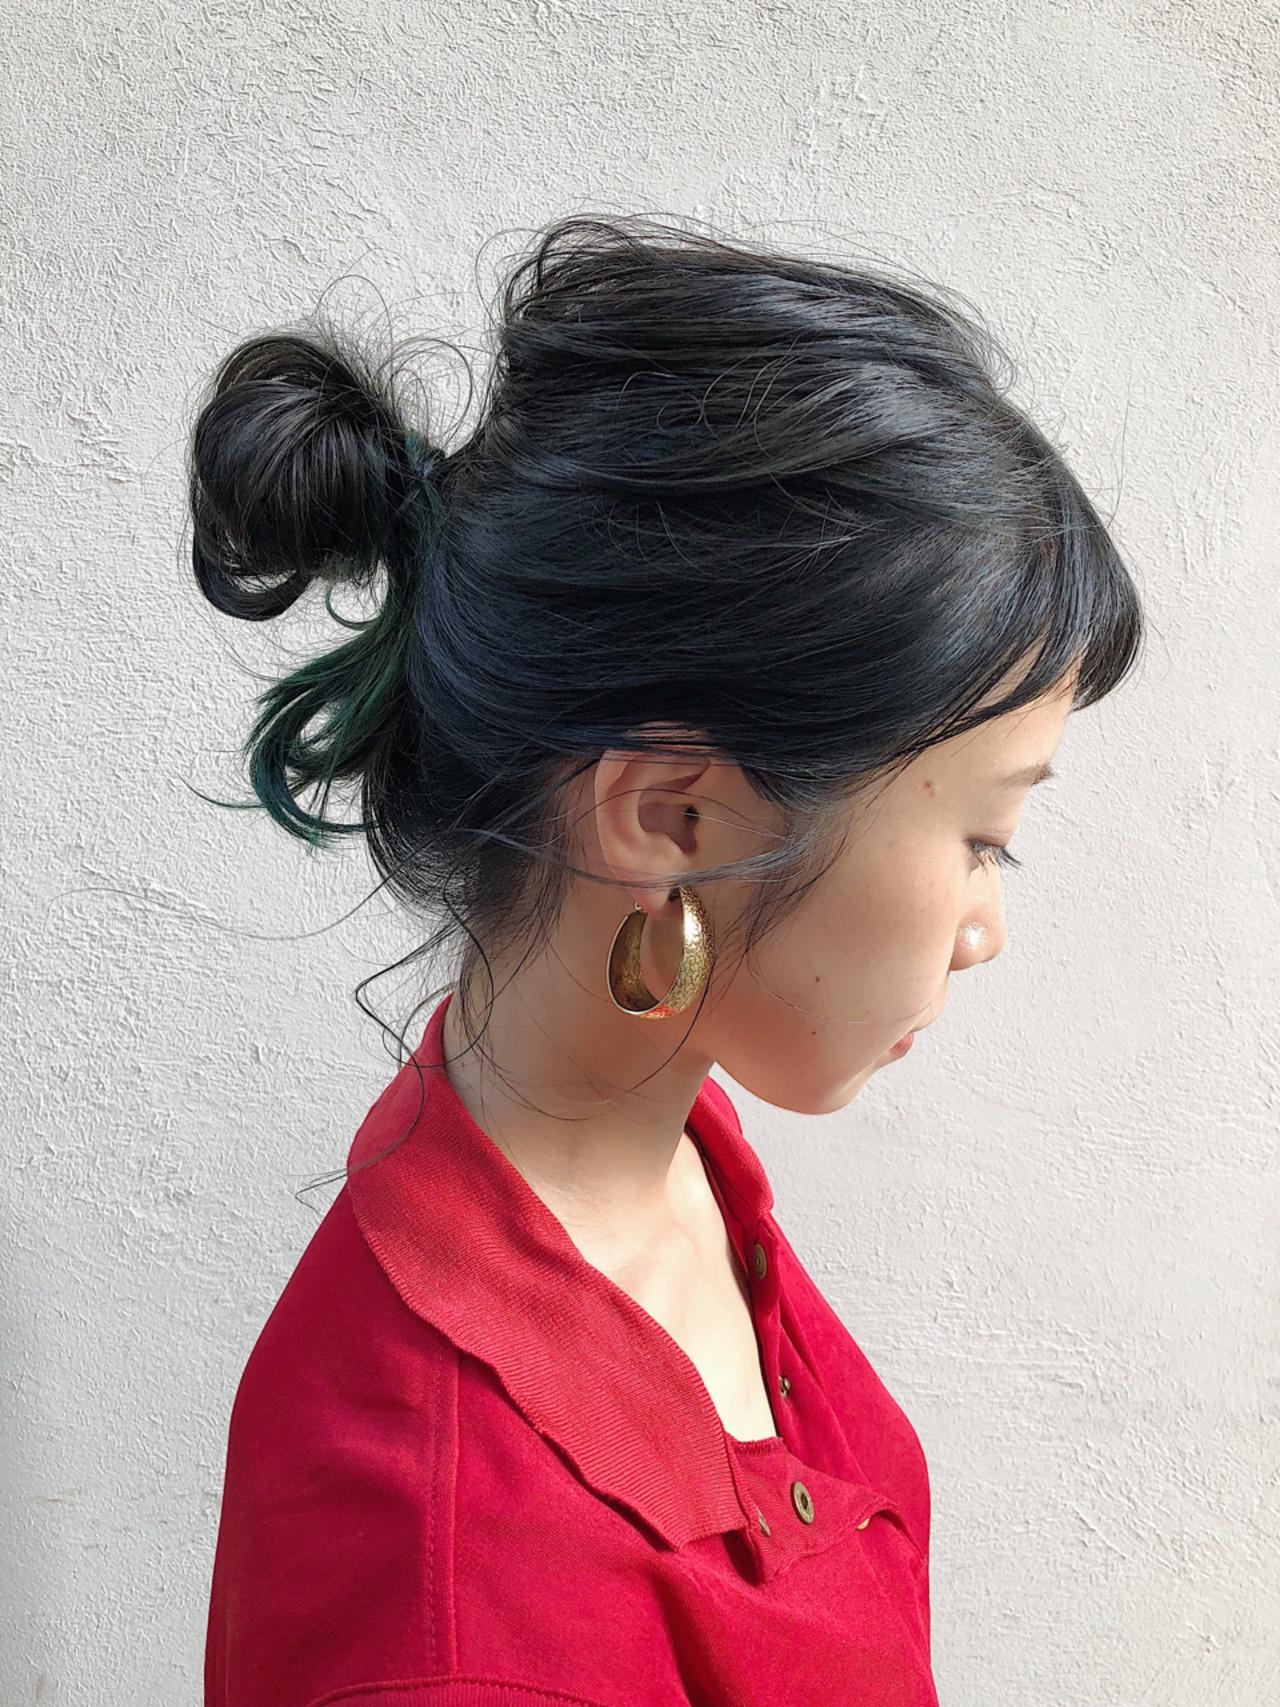 スモーキーアッシュ グレージュ モード グリーン ヘアスタイルや髪型の写真・画像